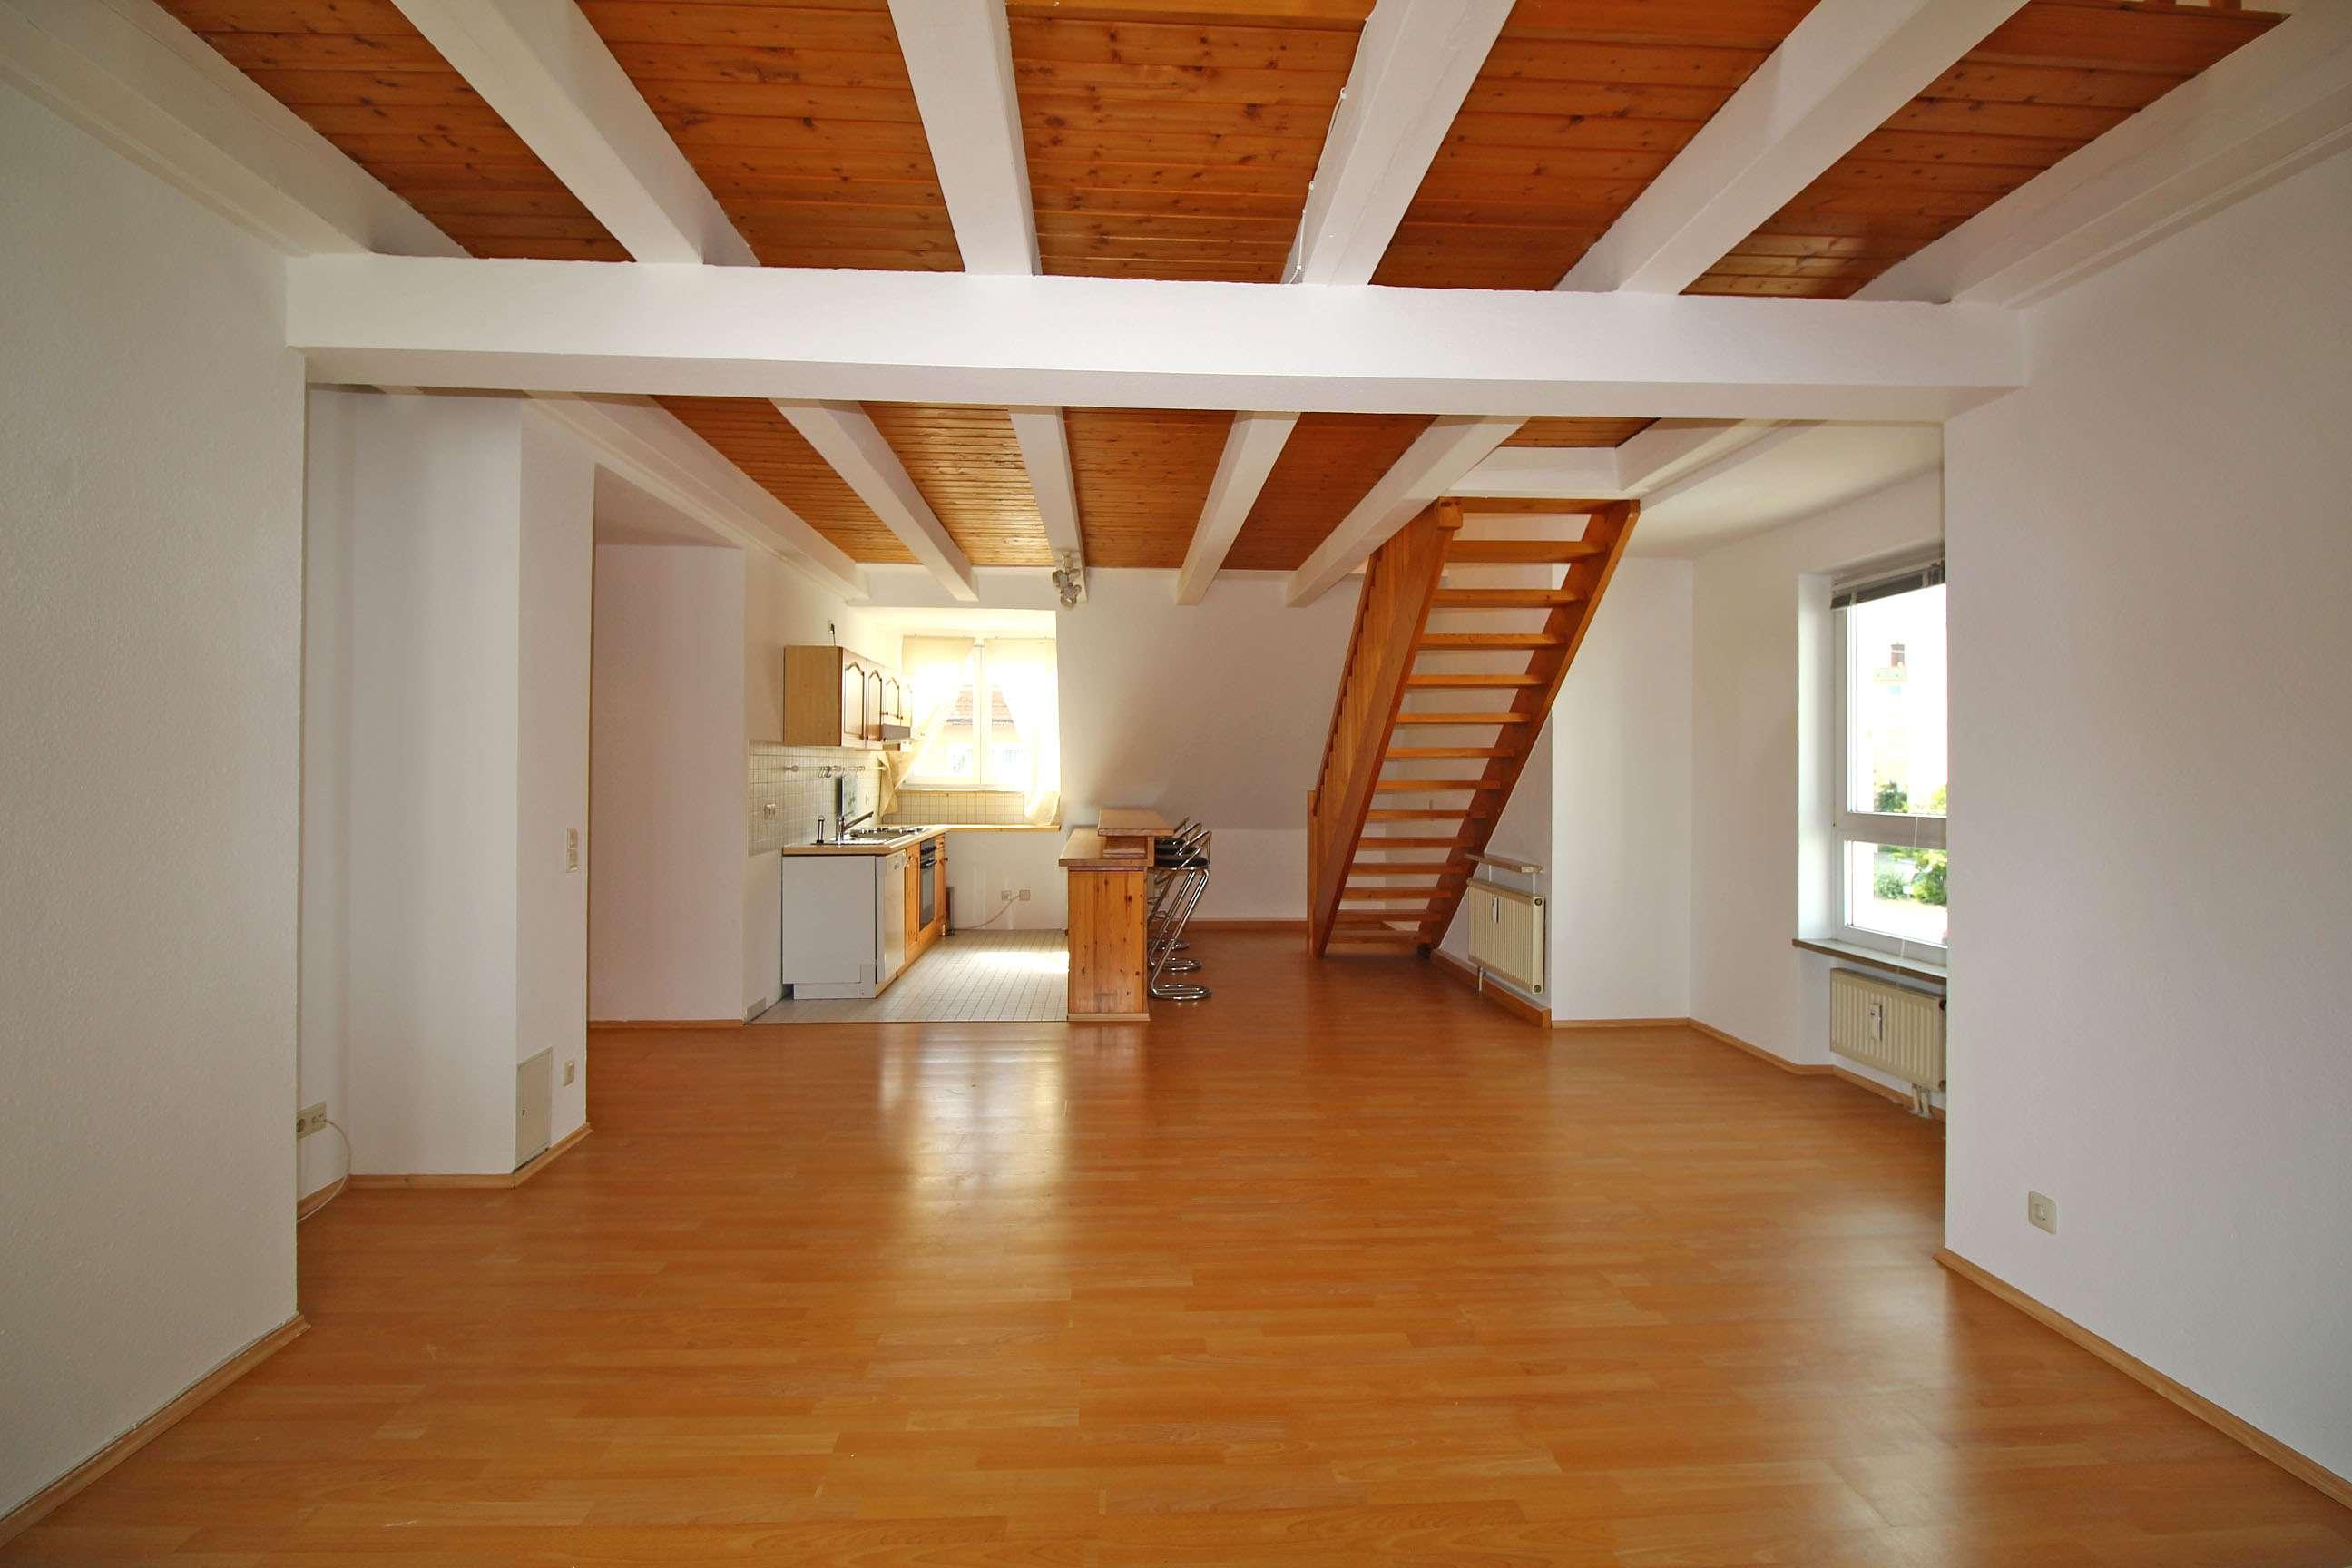 Helle, freundliche 2-Zimmer-Maisonette-Wohnung mit großer Dachterrasse in sehr schöner Lage in